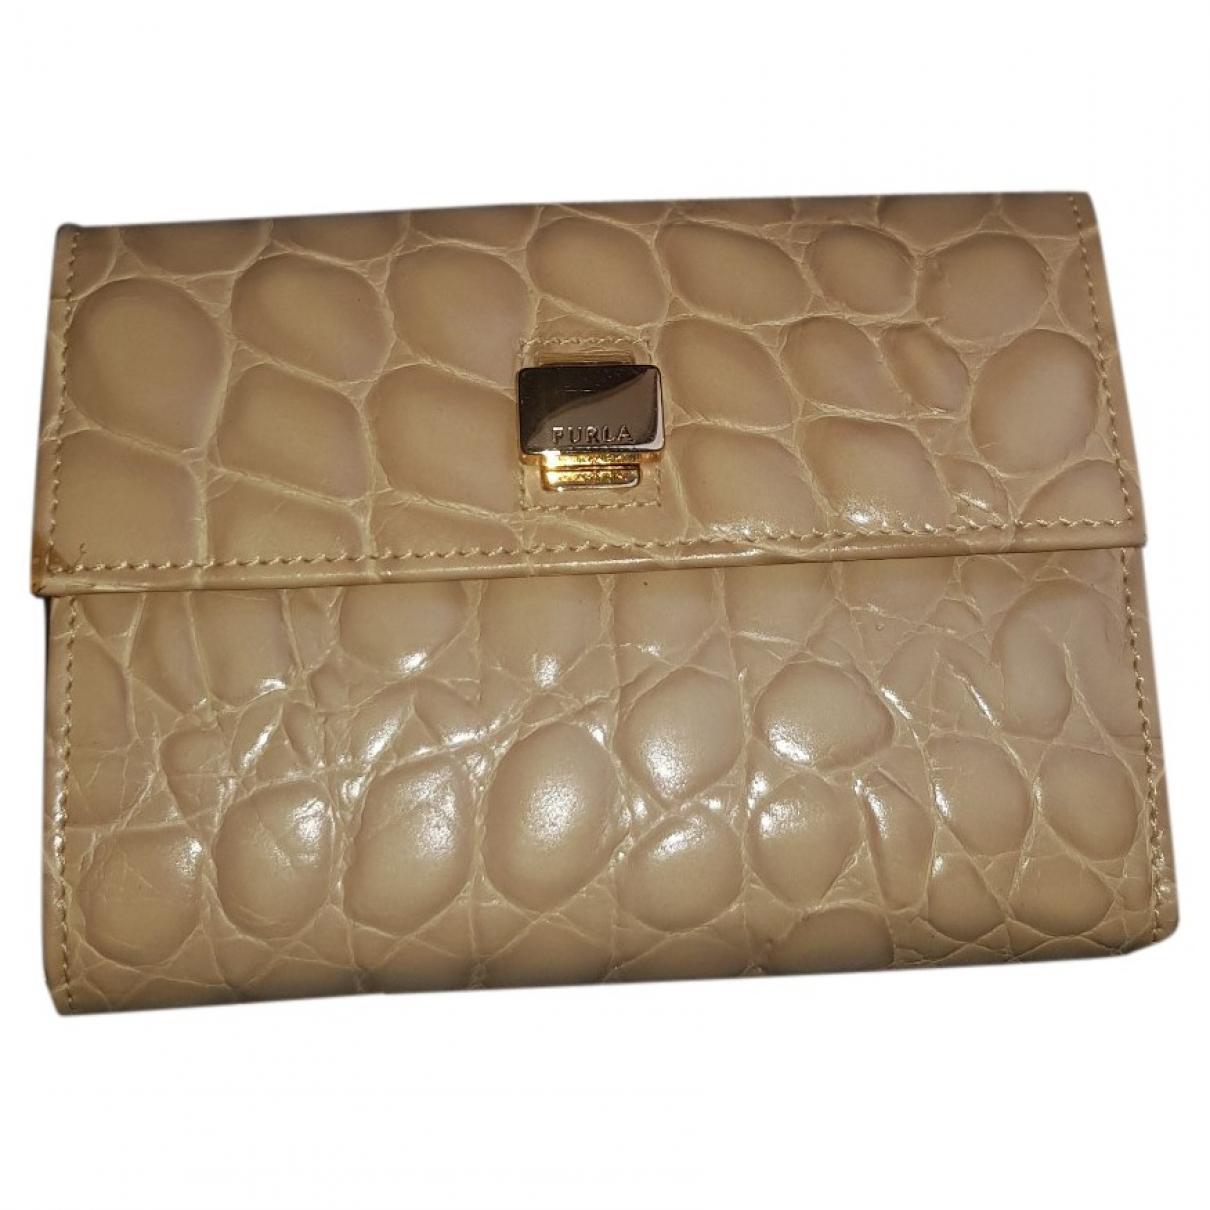 Furla \N Leather Clutch bag for Women \N